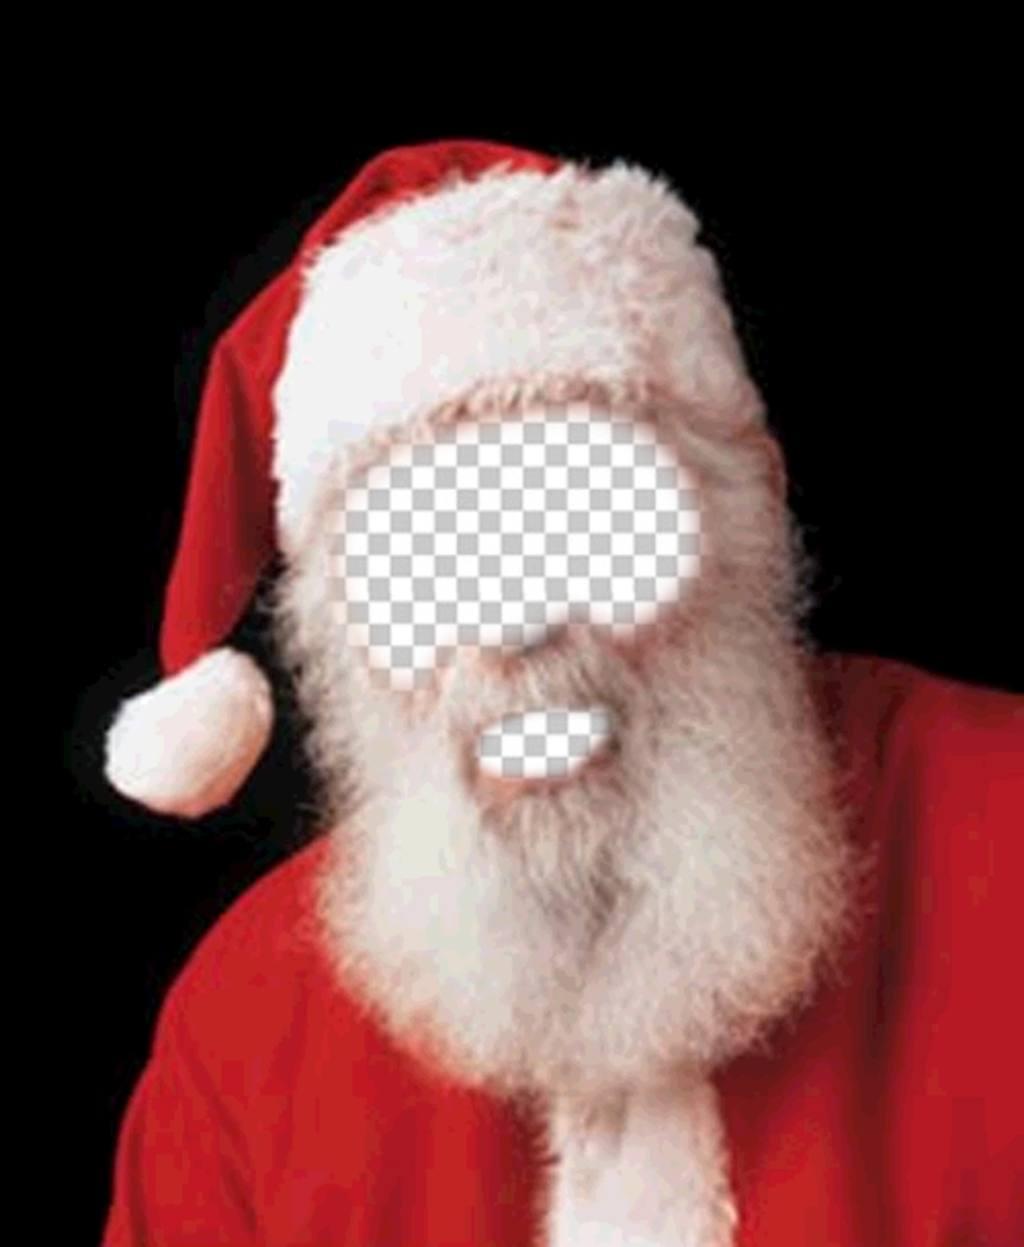 Fotomontage des Weihnachtsmann-Kostüm für Weihnachten